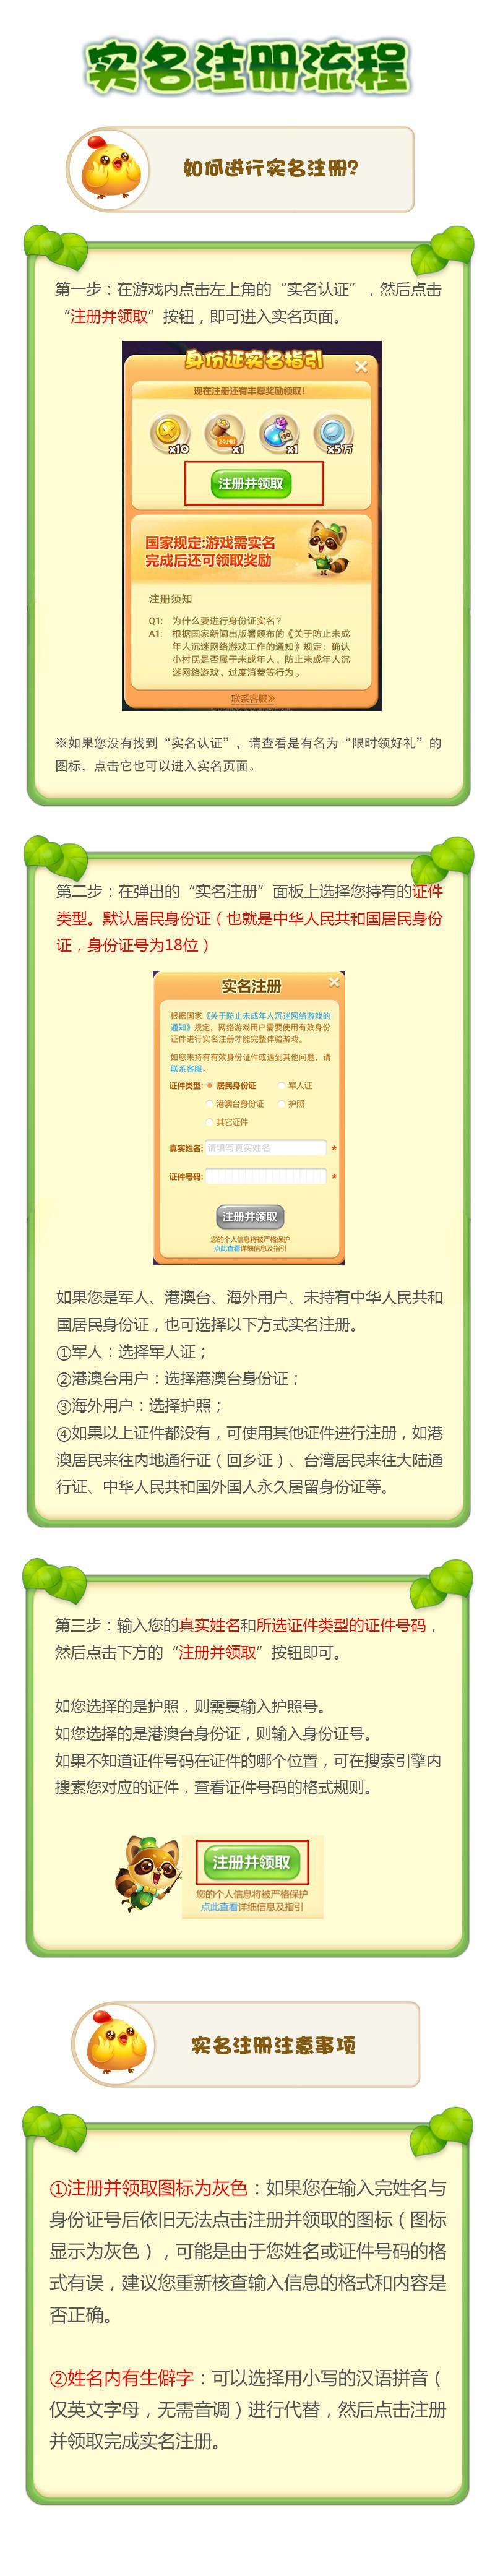 实名注册流程(安卓其他).png